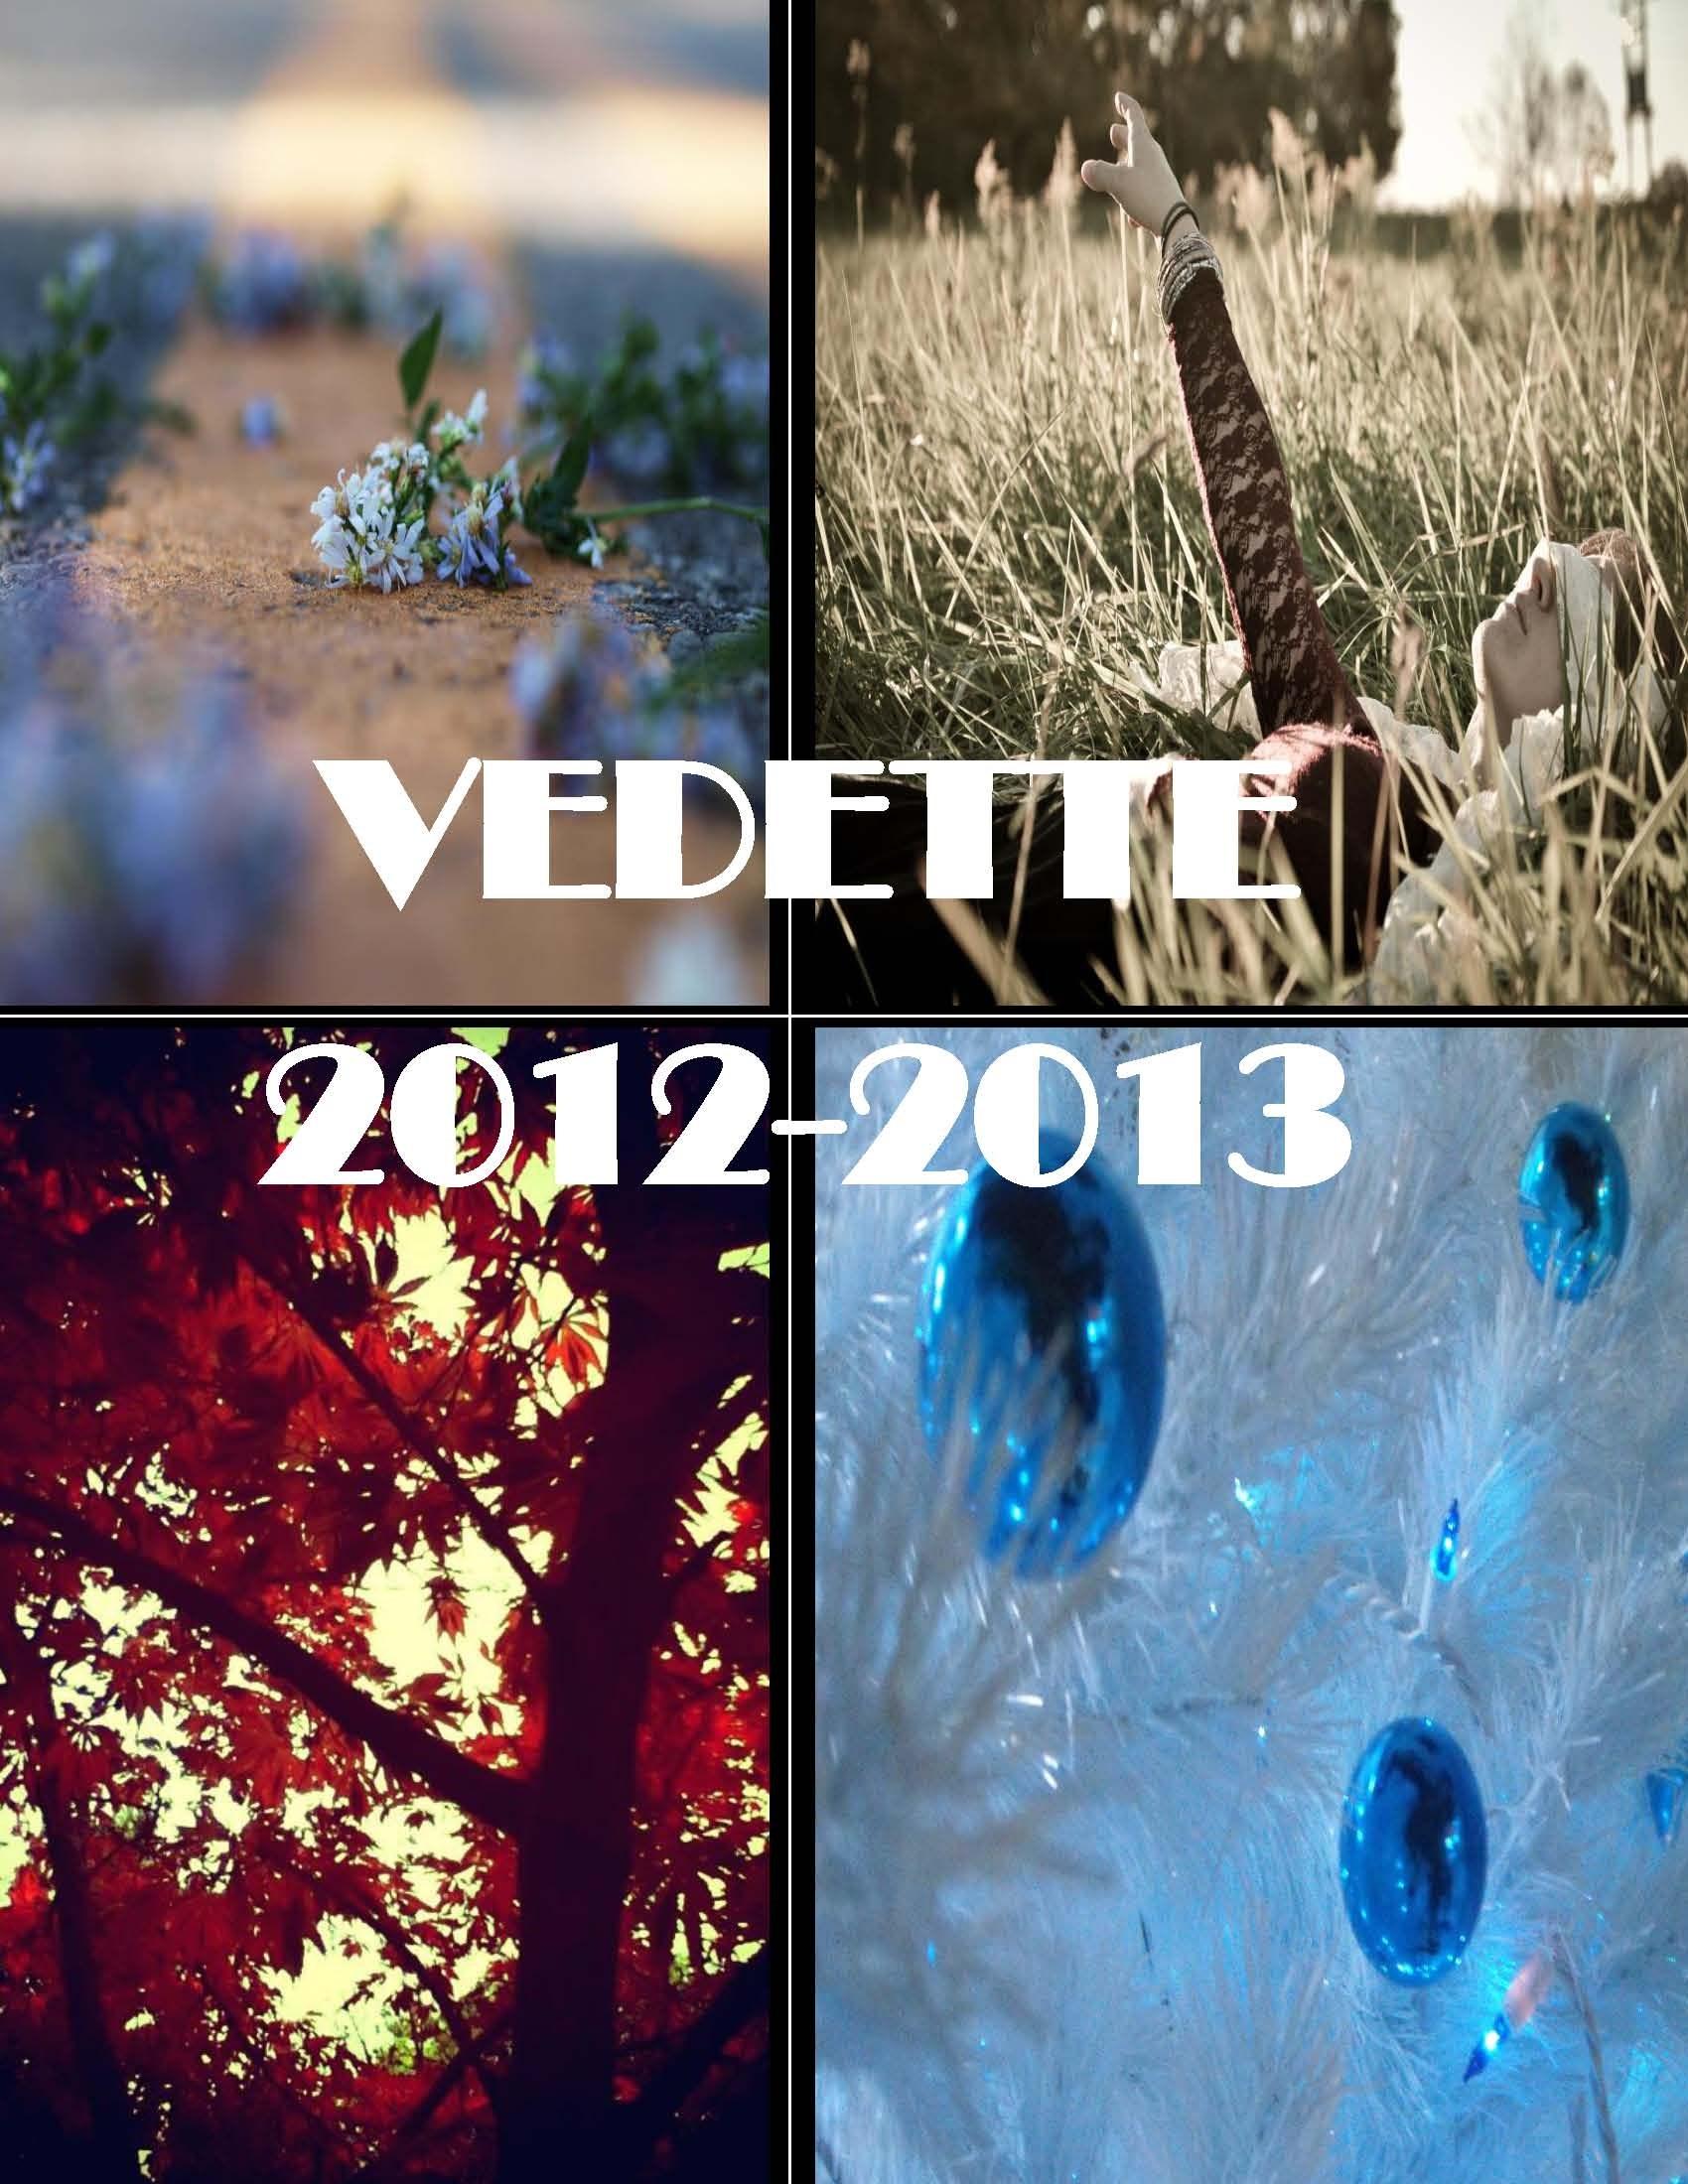 Vedette Cover 2012-2013